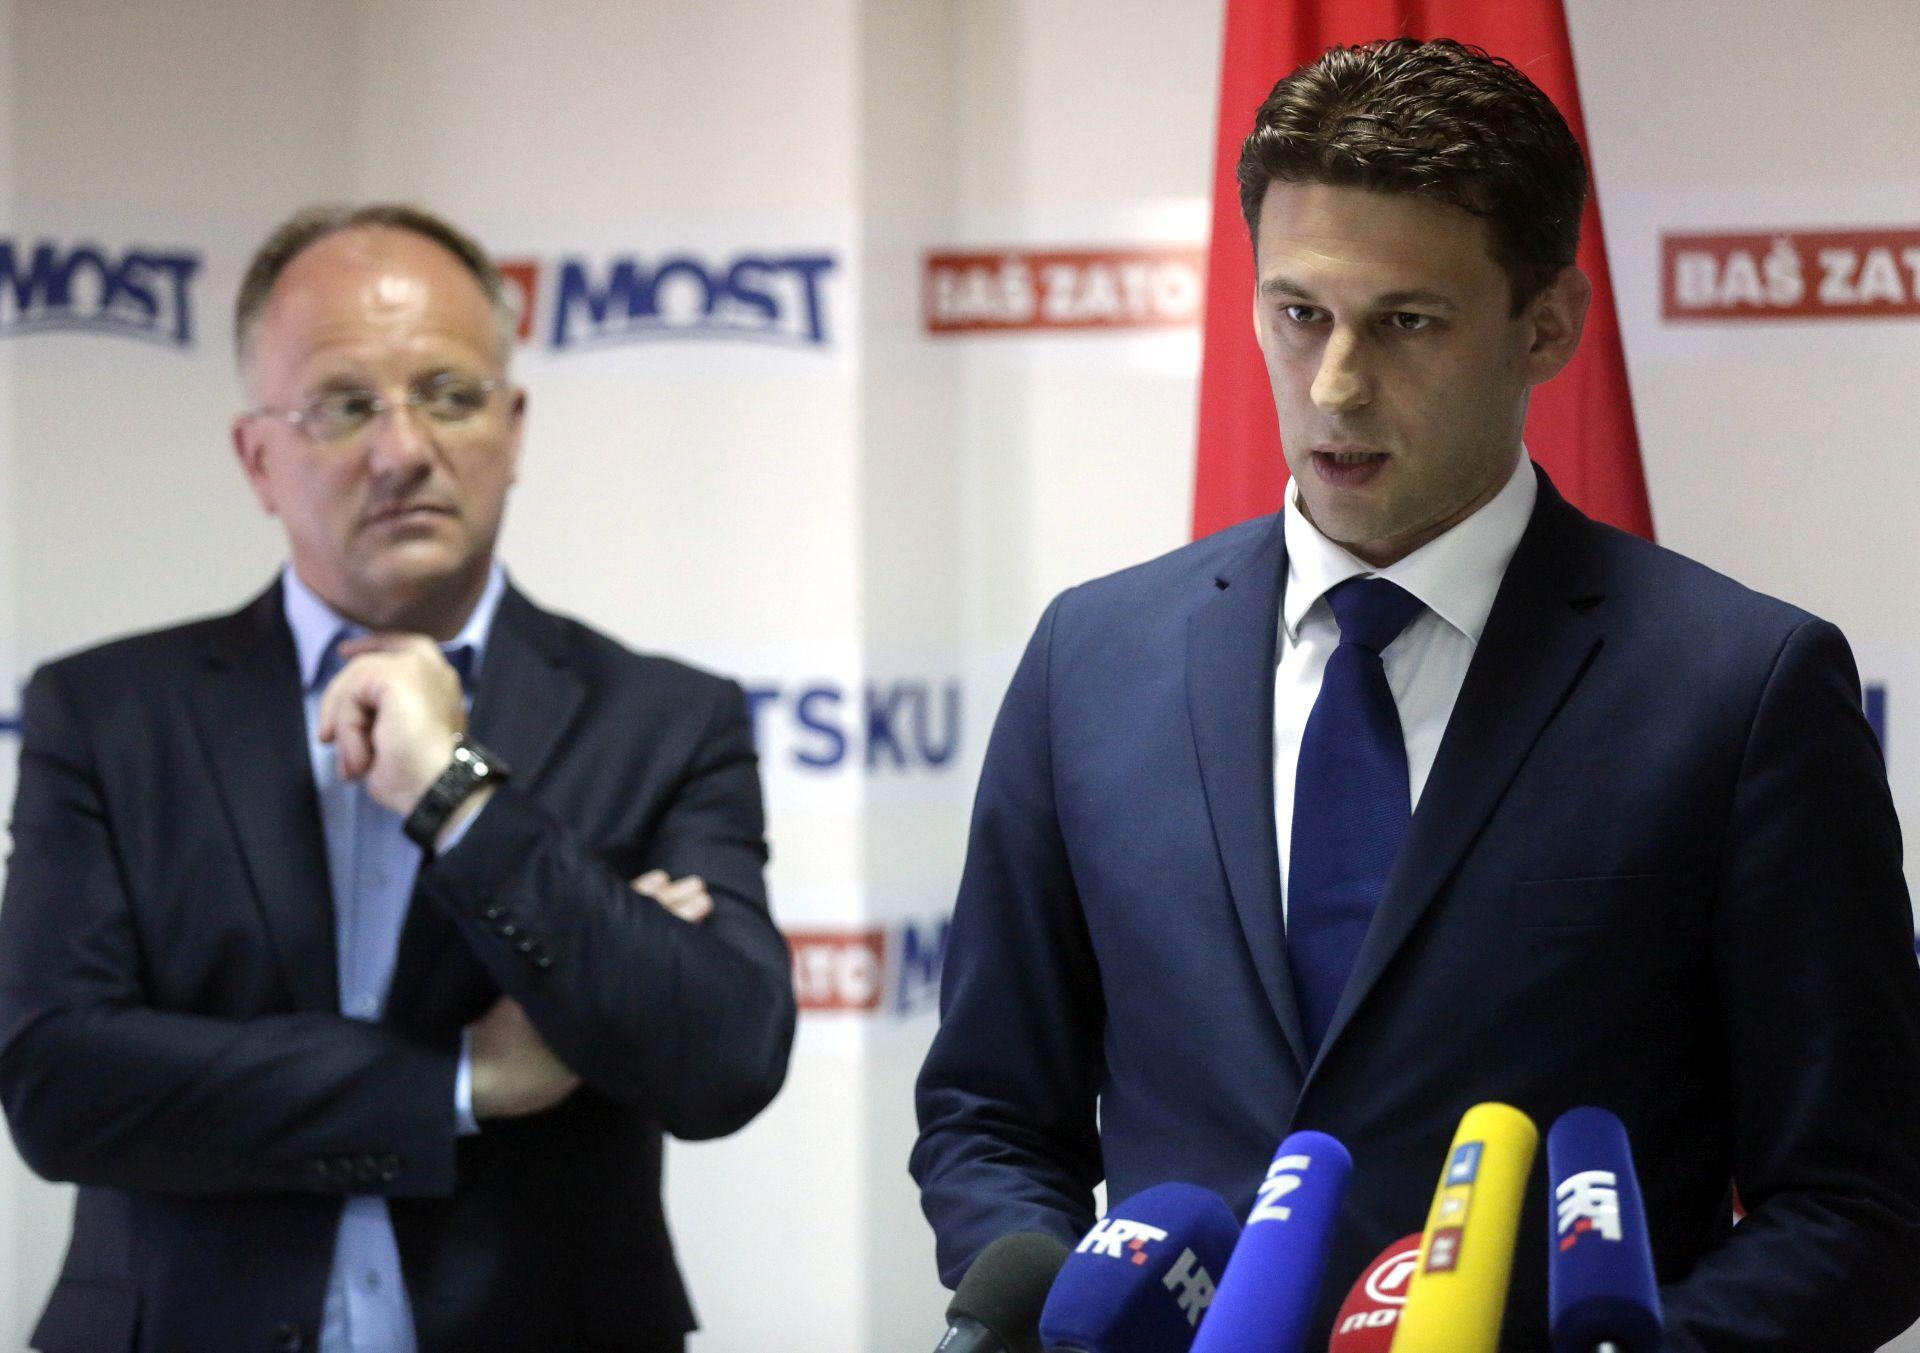 MOST spreman dati premijera, SDP više ne želi s njima pregovarati